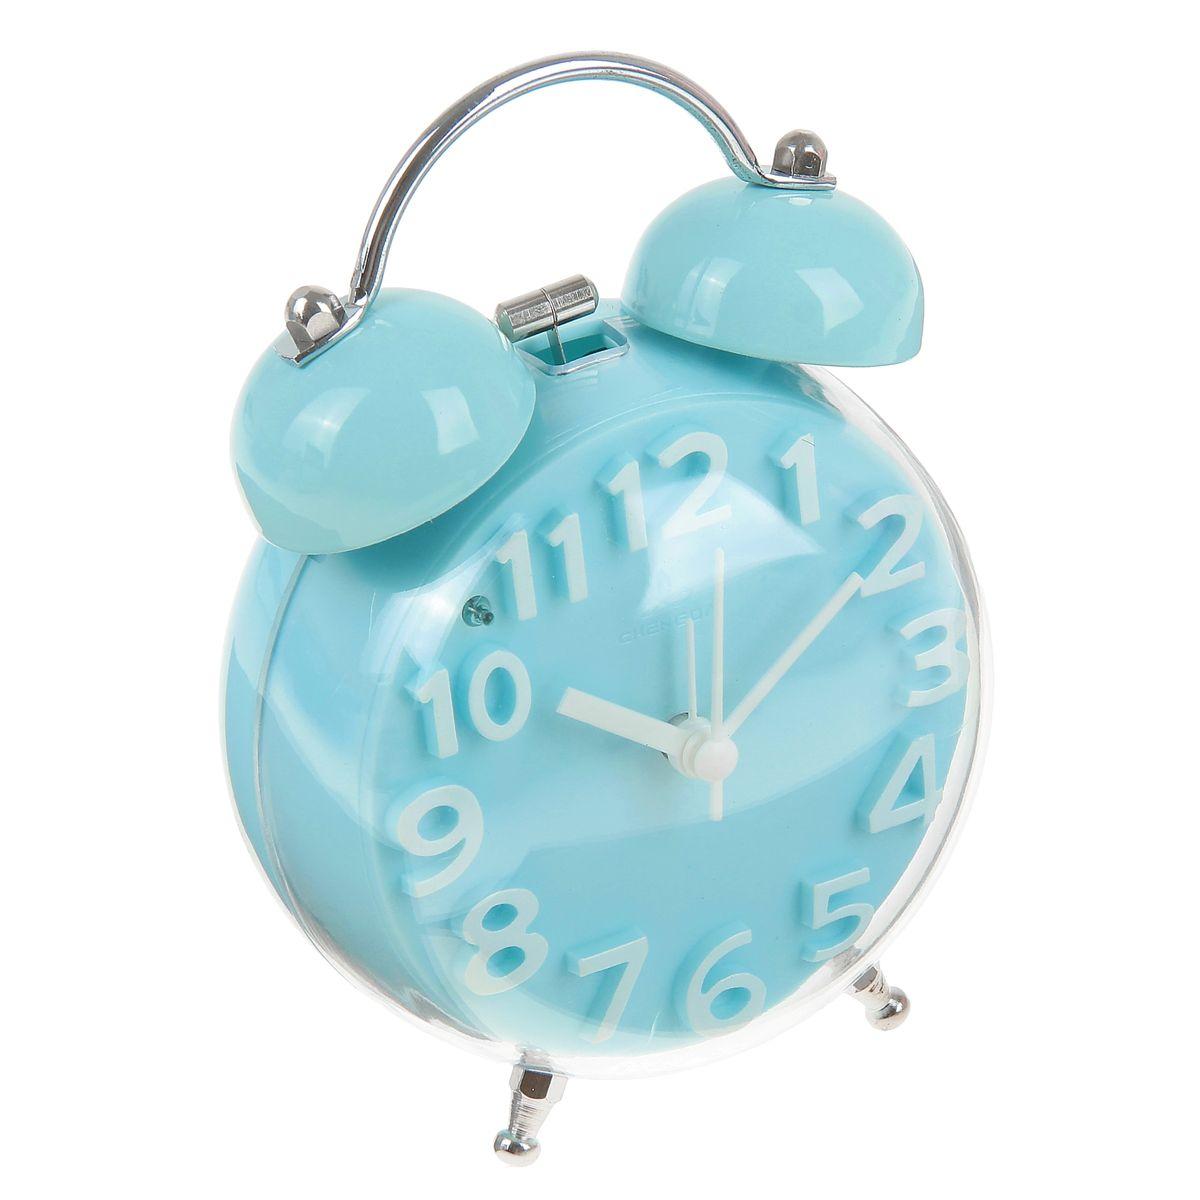 Часы-будильник Sima-land, цвет: голубой. 911447911447_голубойКак же сложно иногда вставать вовремя! Всегда так хочется поспать еще хотя бы 5 минут и бывает, что мы просыпаем. Теперь этого не случится! Яркий, оригинальный будильник Sima-land поможет вам всегда вставать в нужное время и успевать везде и всюду. Корпус будильника выполнен из пластика. Циферблат имеет индикацию белыми арабскими цифрами. Часы снабжены 4 стрелками (секундная, минутная, часовая и для будильника). На задней панели будильника расположена кнопка включения/выключения механизма, а также два колесика для настройки текущего времени и времени звонка будильника. Также будильник оснащен кнопкой, при нажатии которой подсвечивается циферблат. Пользоваться будильником очень легко: нужно всего лишь поставить батарейку, настроить точное время и установить время звонка. Необходимо докупить 1 батарейку типа АА (не входит в комплект).